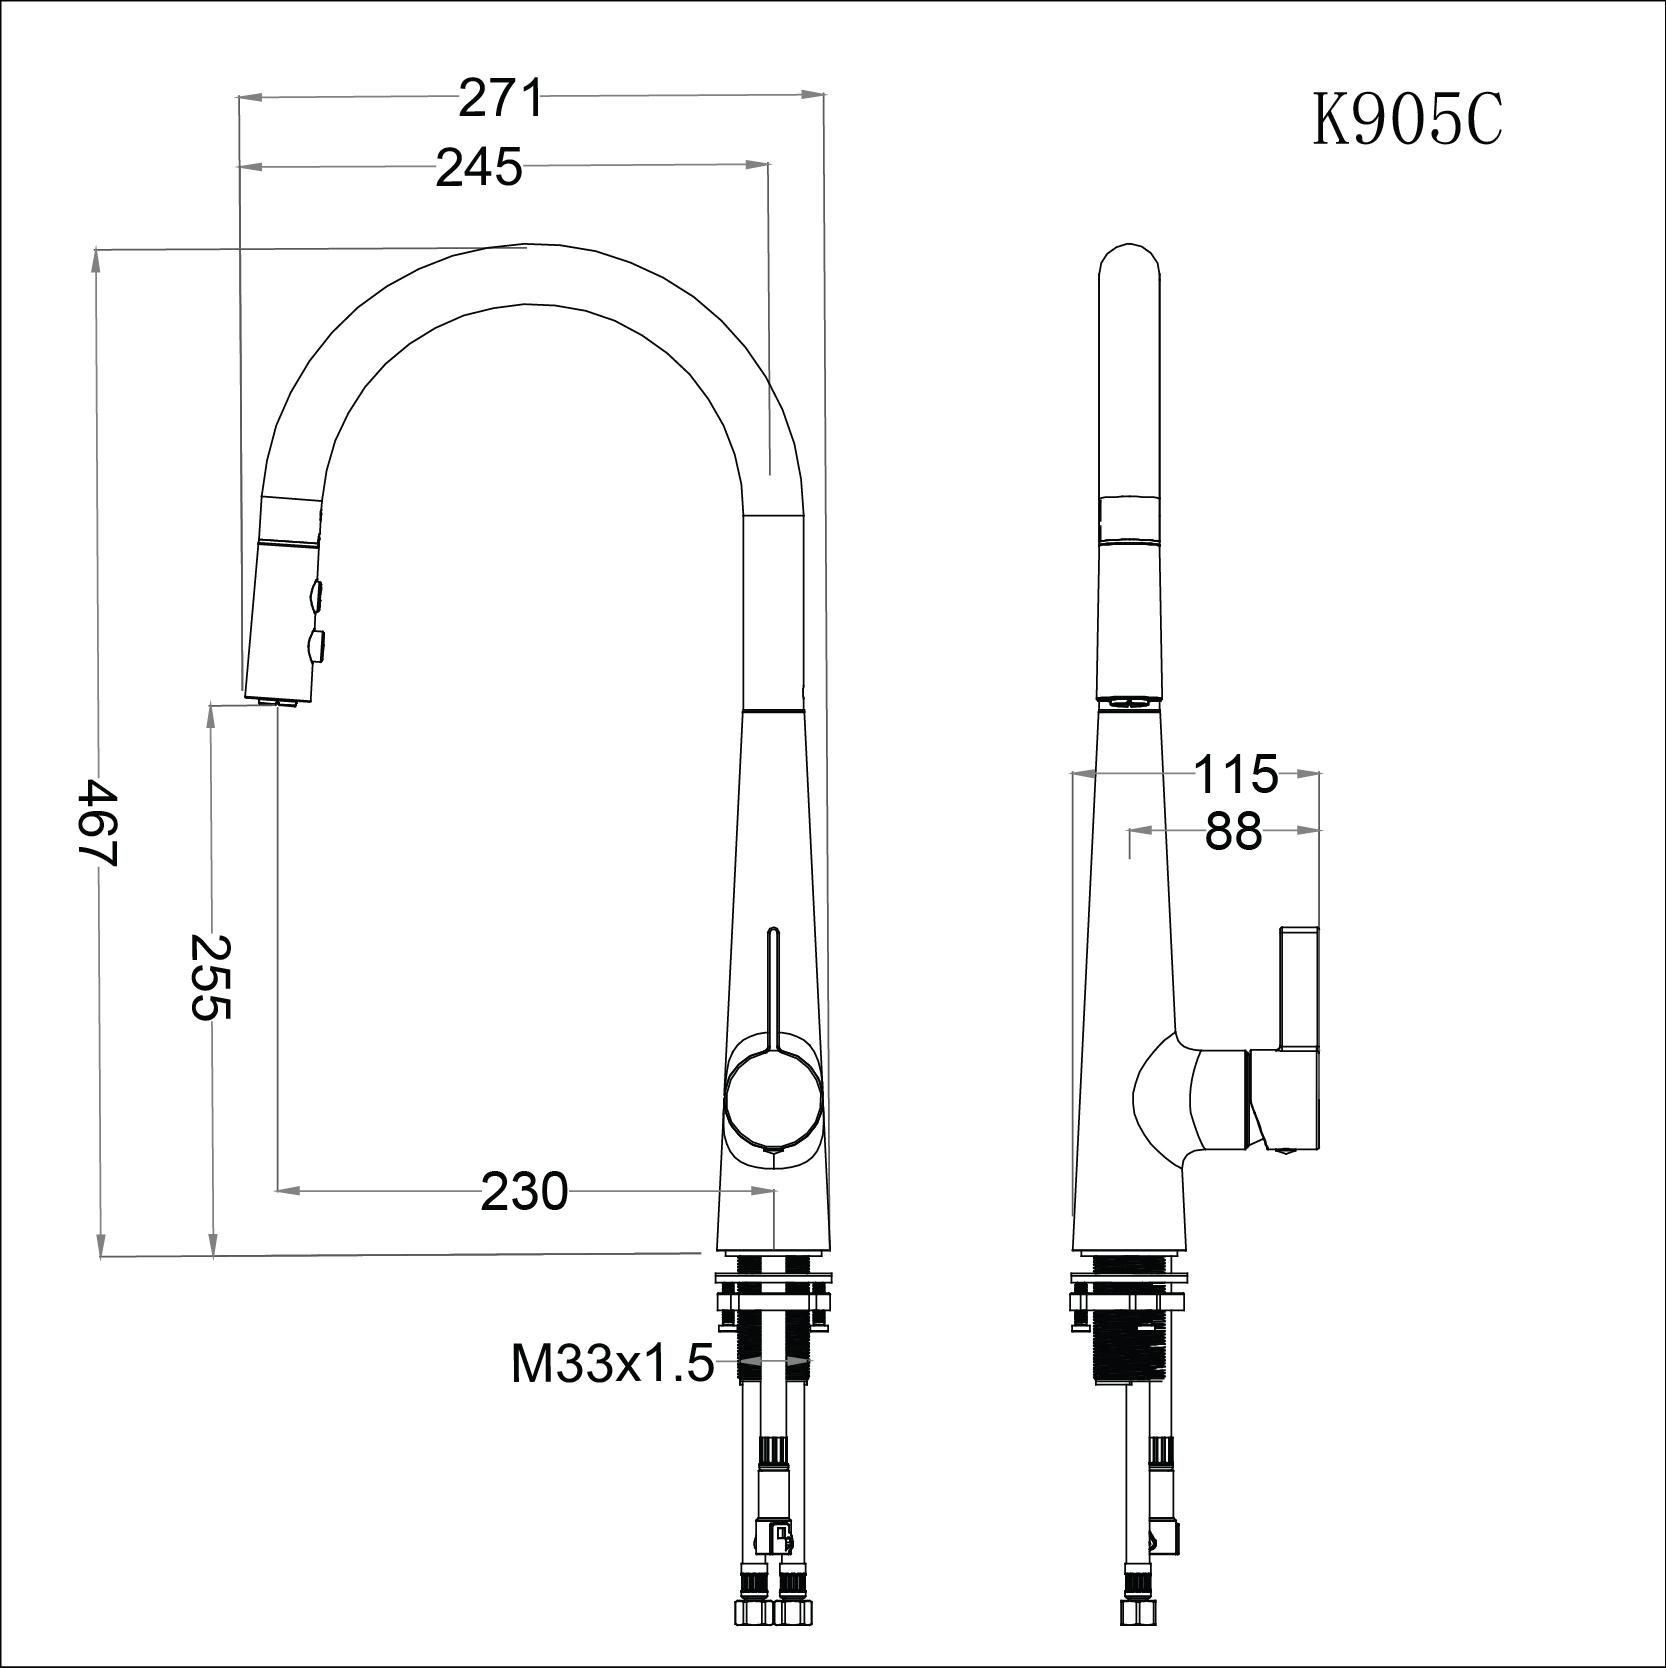 Vòi rửa bát (chén) nóng lạnh gắn chậu có dây rút cổ cao 467 mm - Caesar K905C